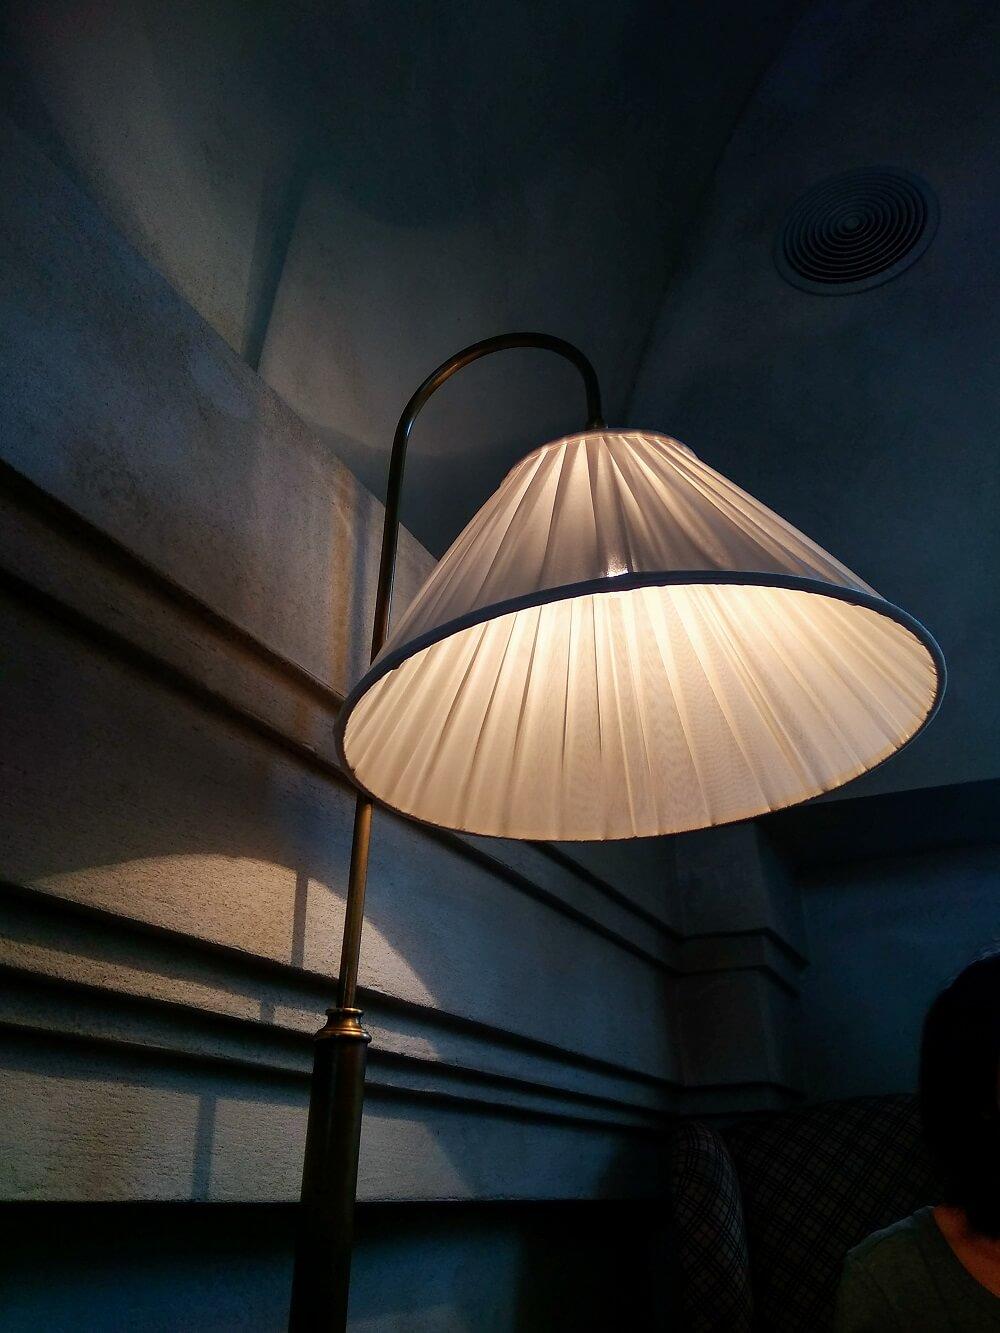 Trendy w stojących lampach do 200 zł w 2020 roku